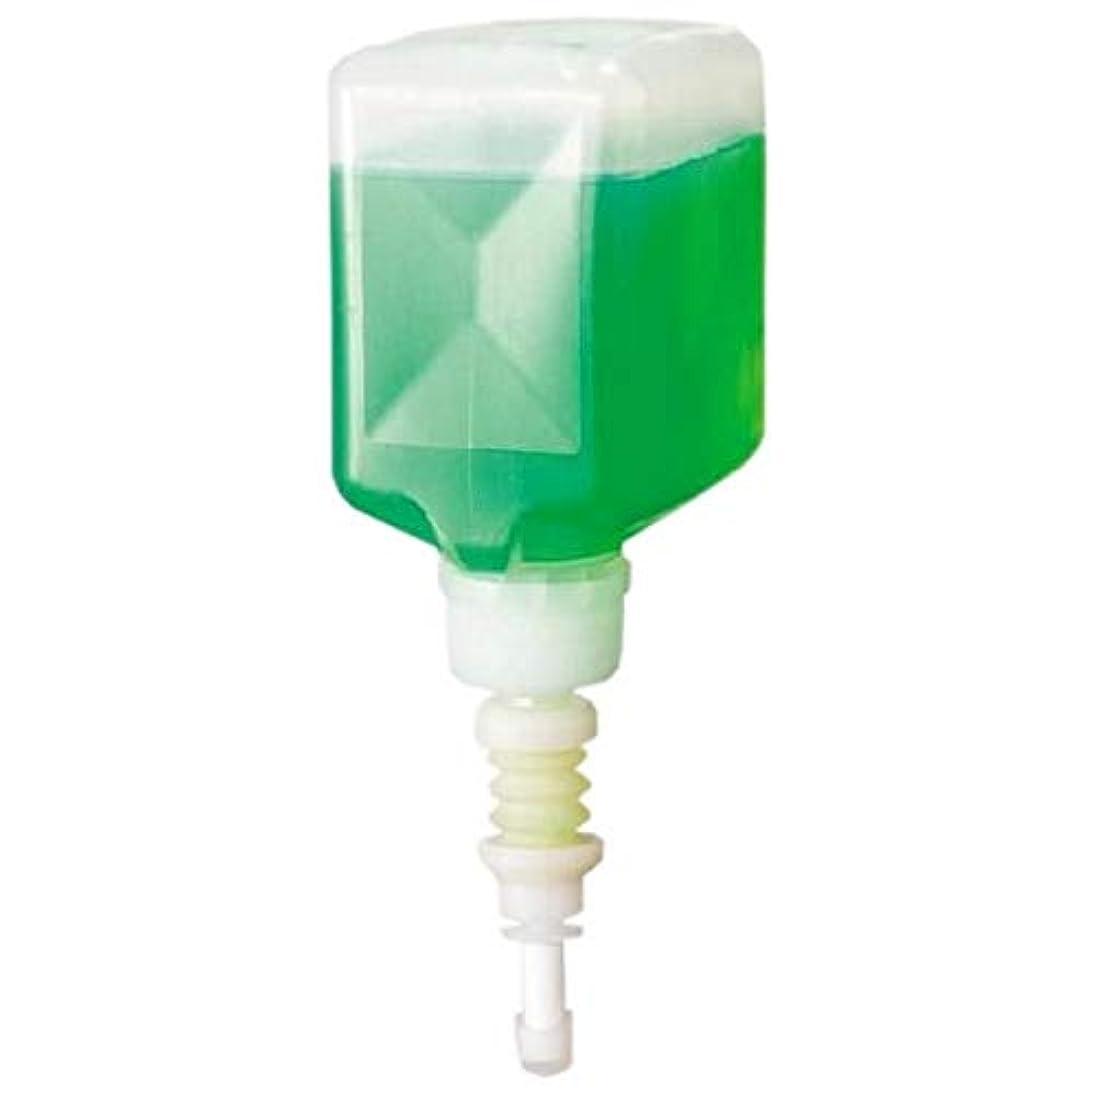 経歴アレイ完璧なスタイルデコ シャボネット石けん液Fデコ専用薬液 緑色